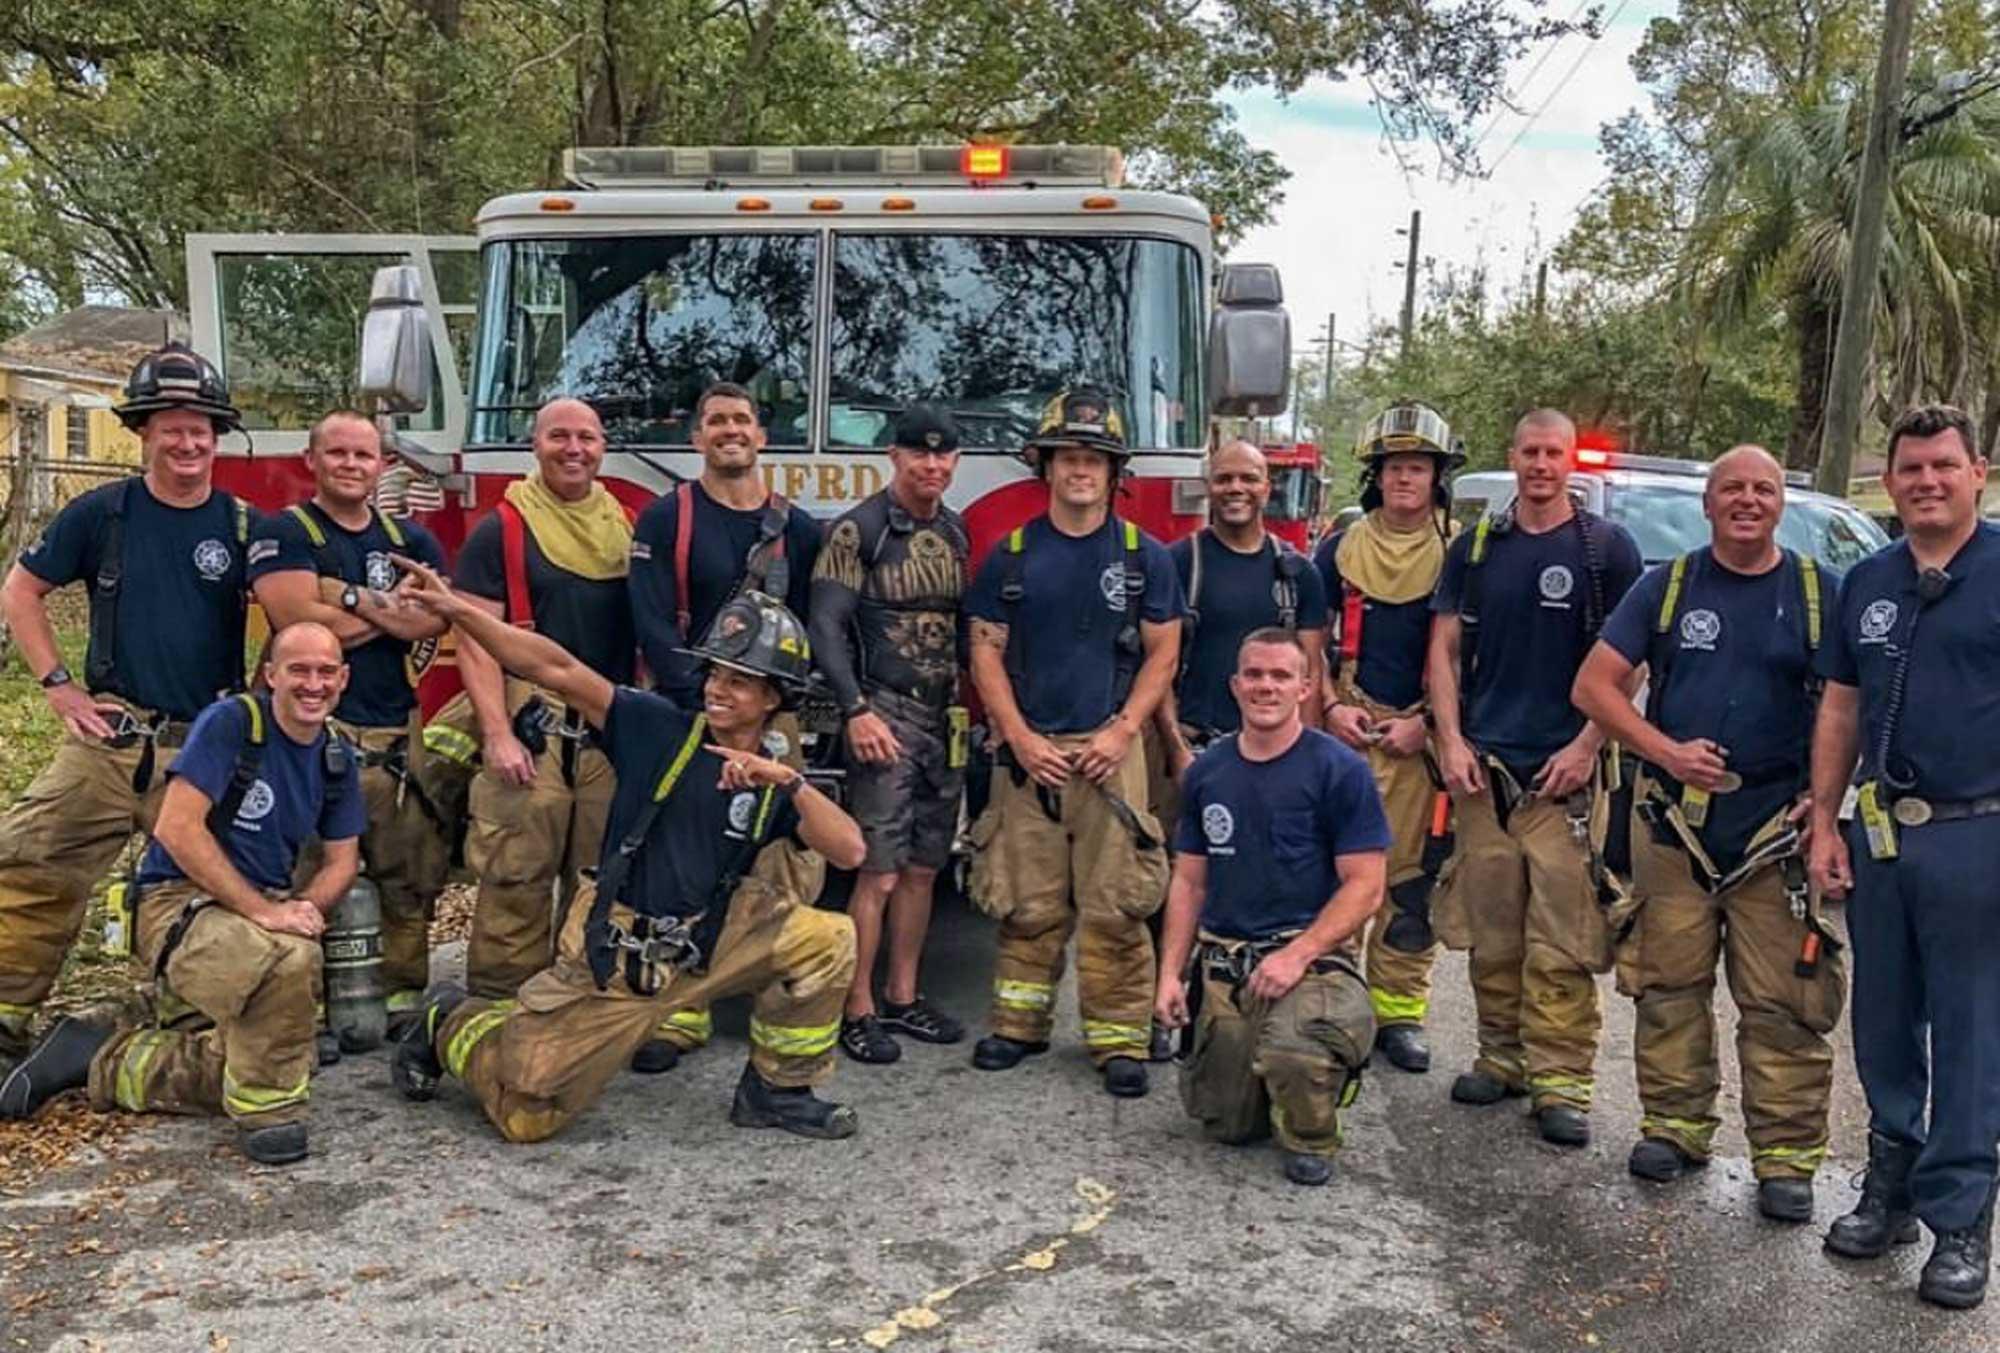 Donald Murray Firefighter Team